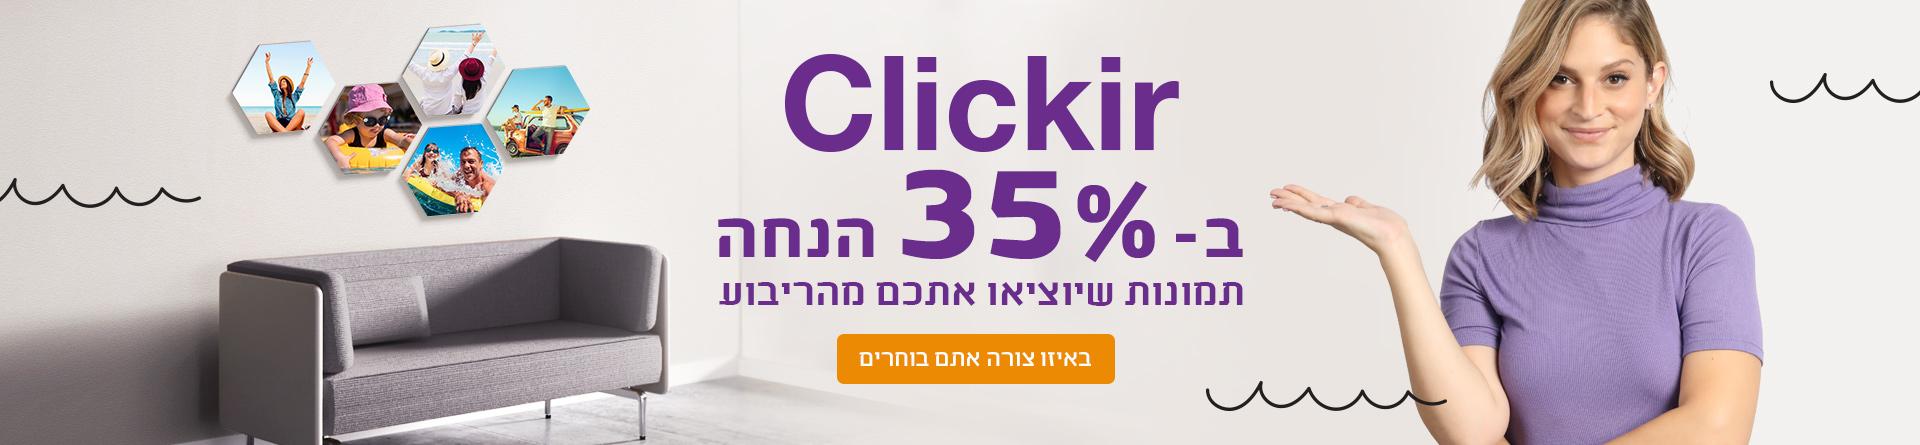 clickir 35%  -1.7